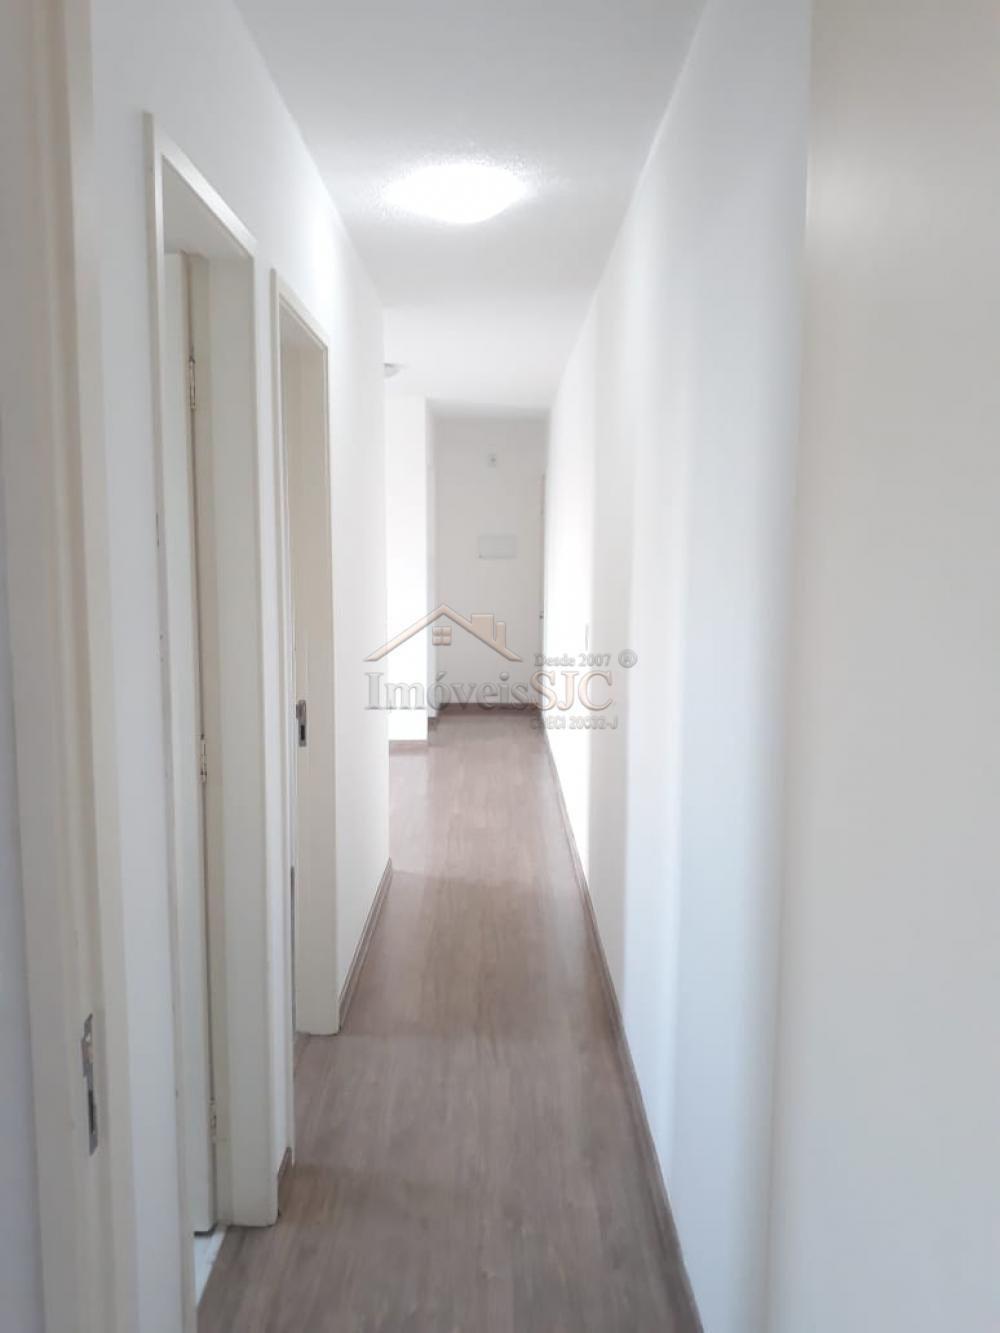 Alugar Apartamentos / Padrão em São José dos Campos apenas R$ 1.100,00 - Foto 11